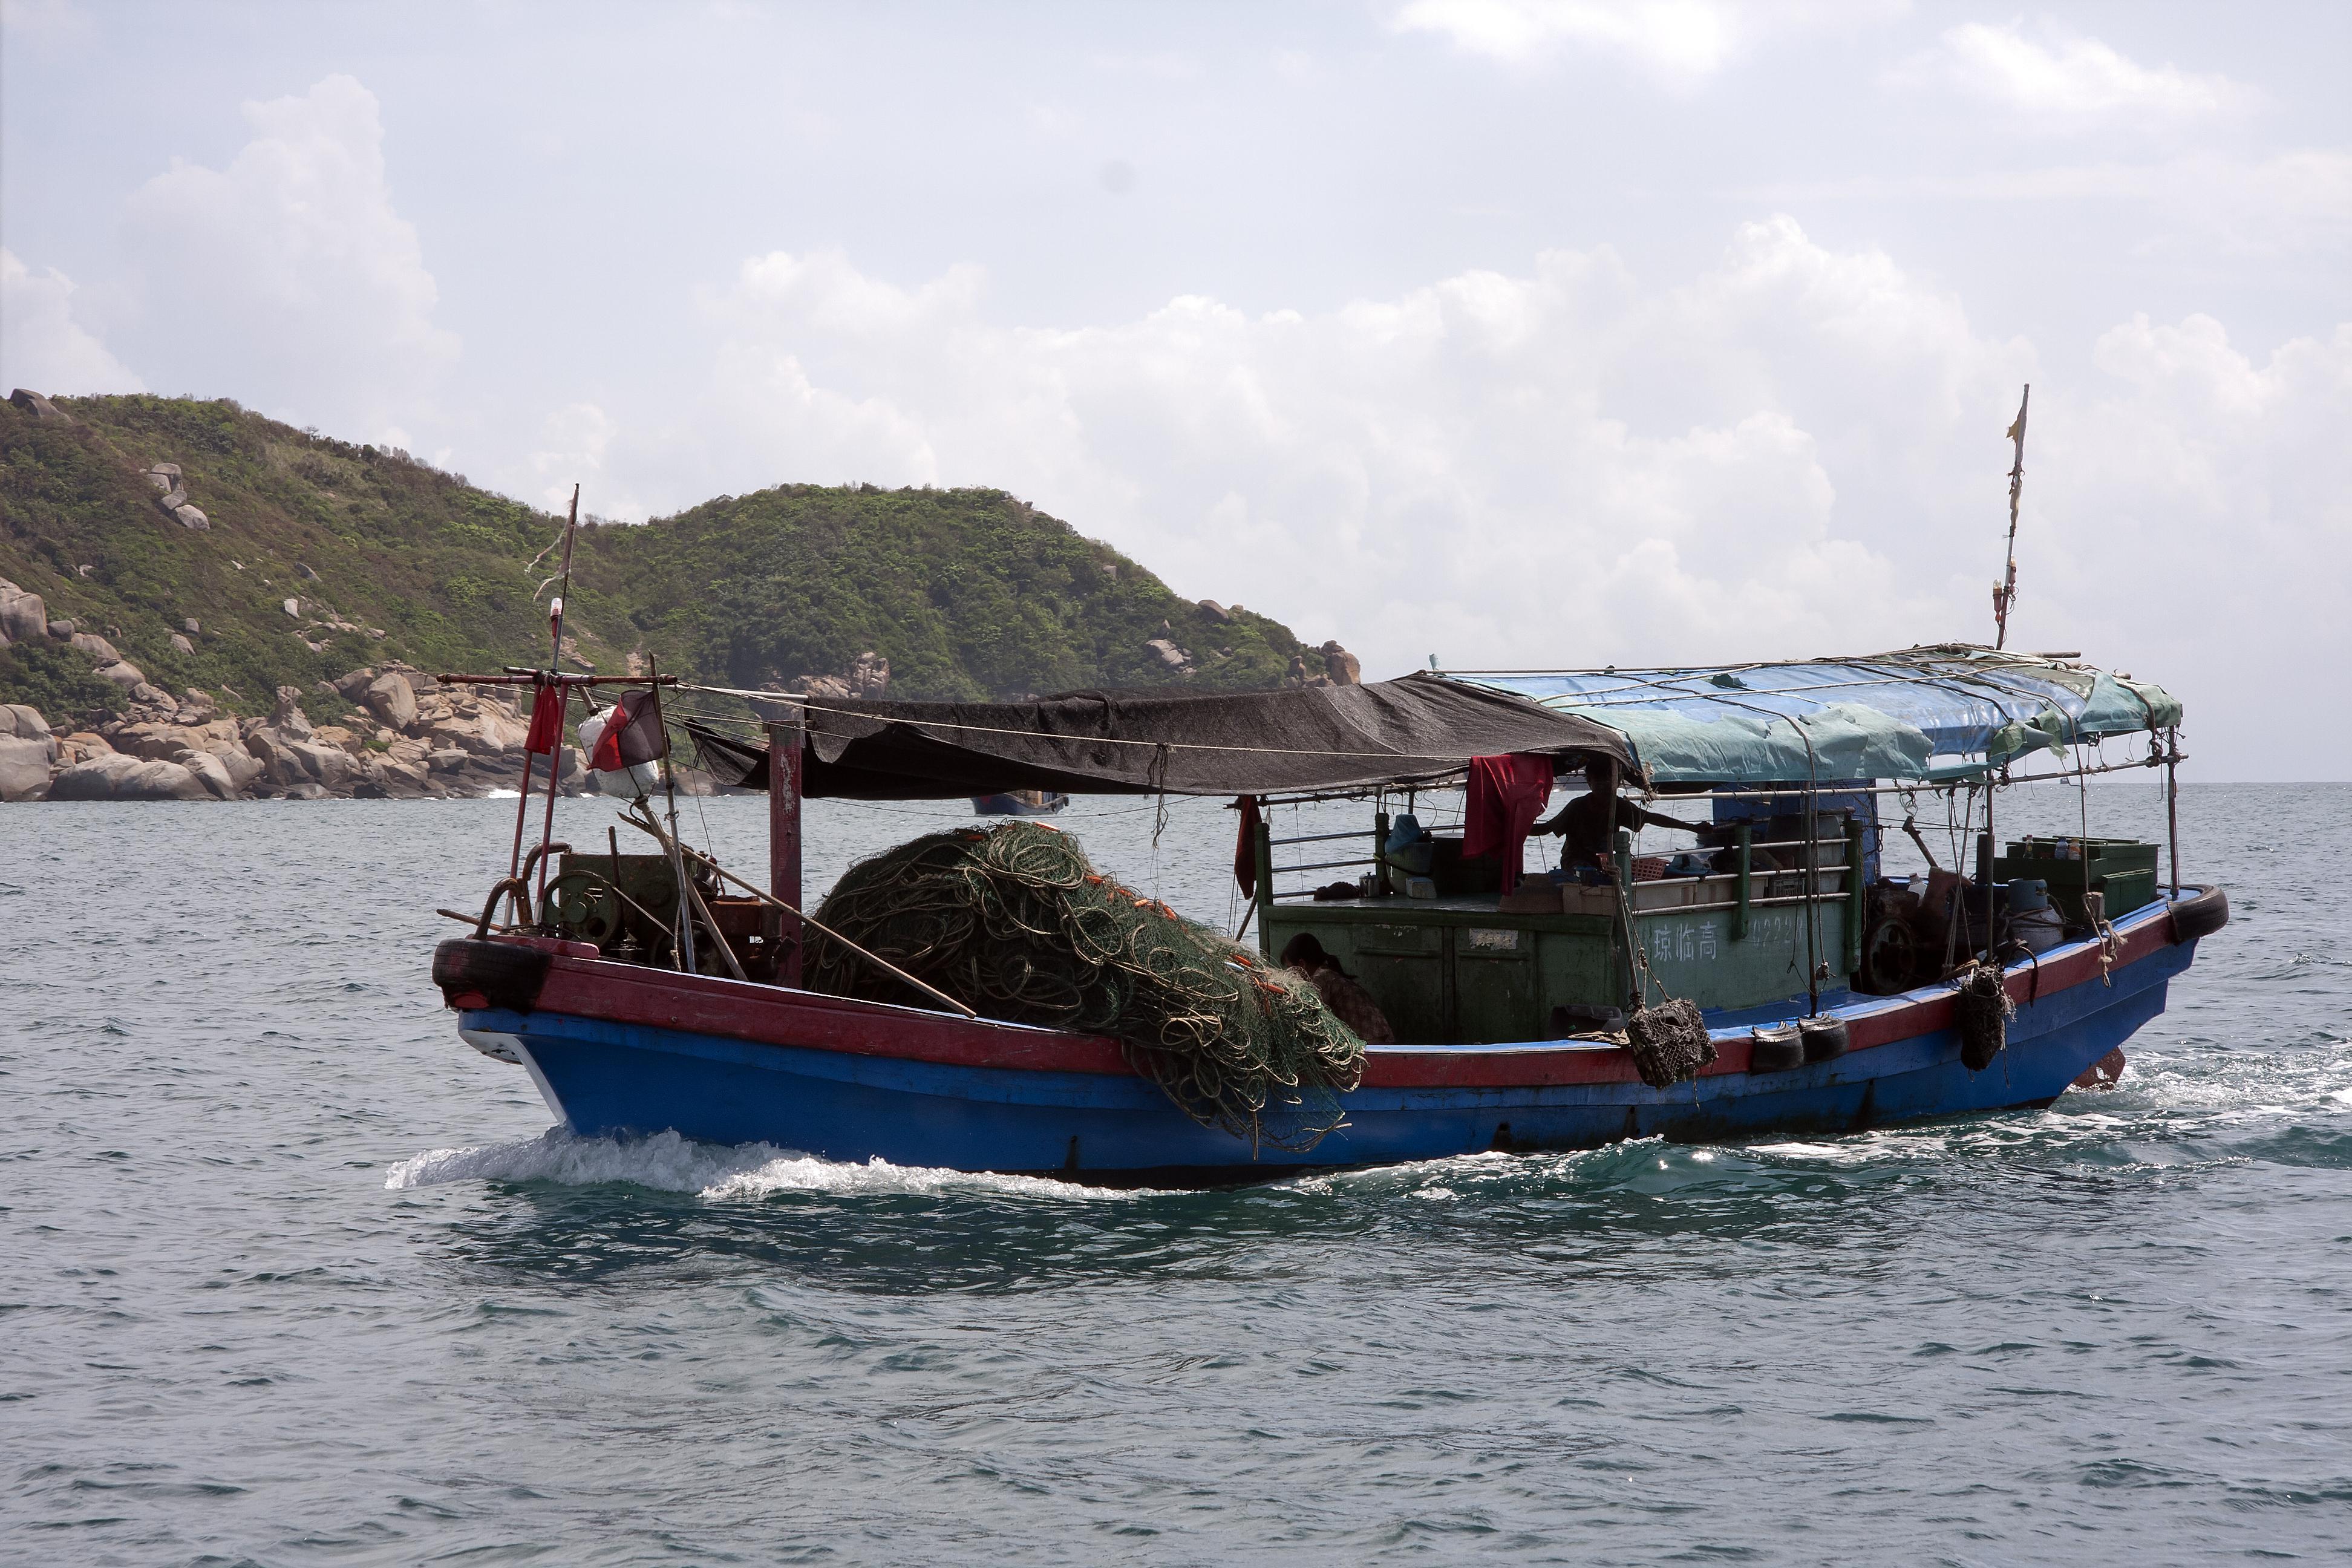 bateau de peche moyen age